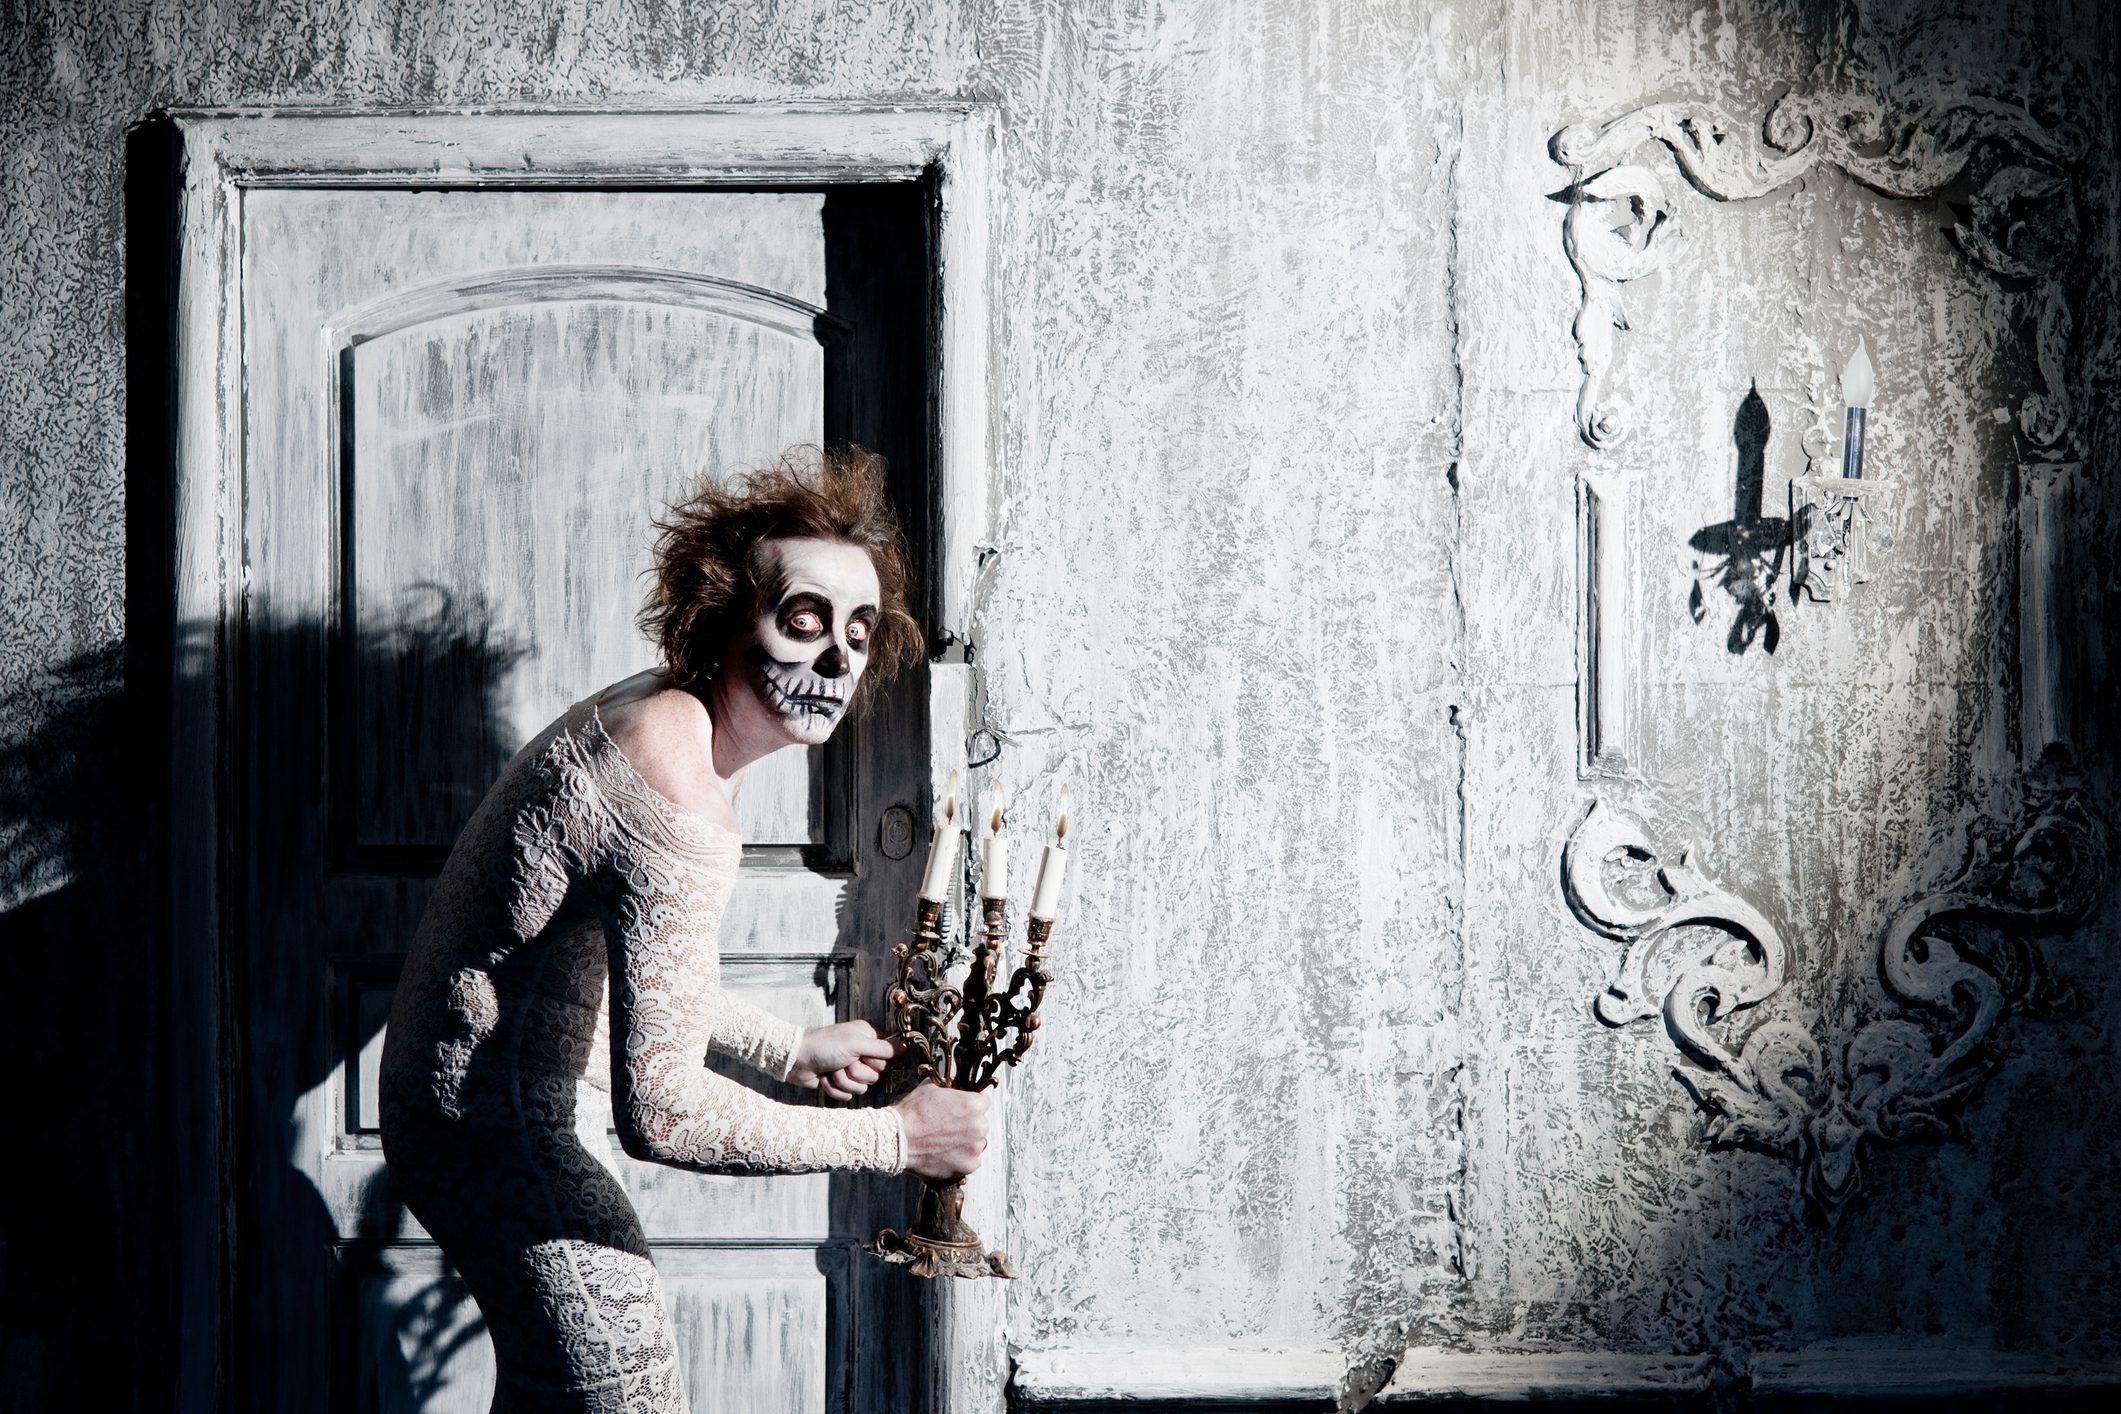 Spooky guy at the door